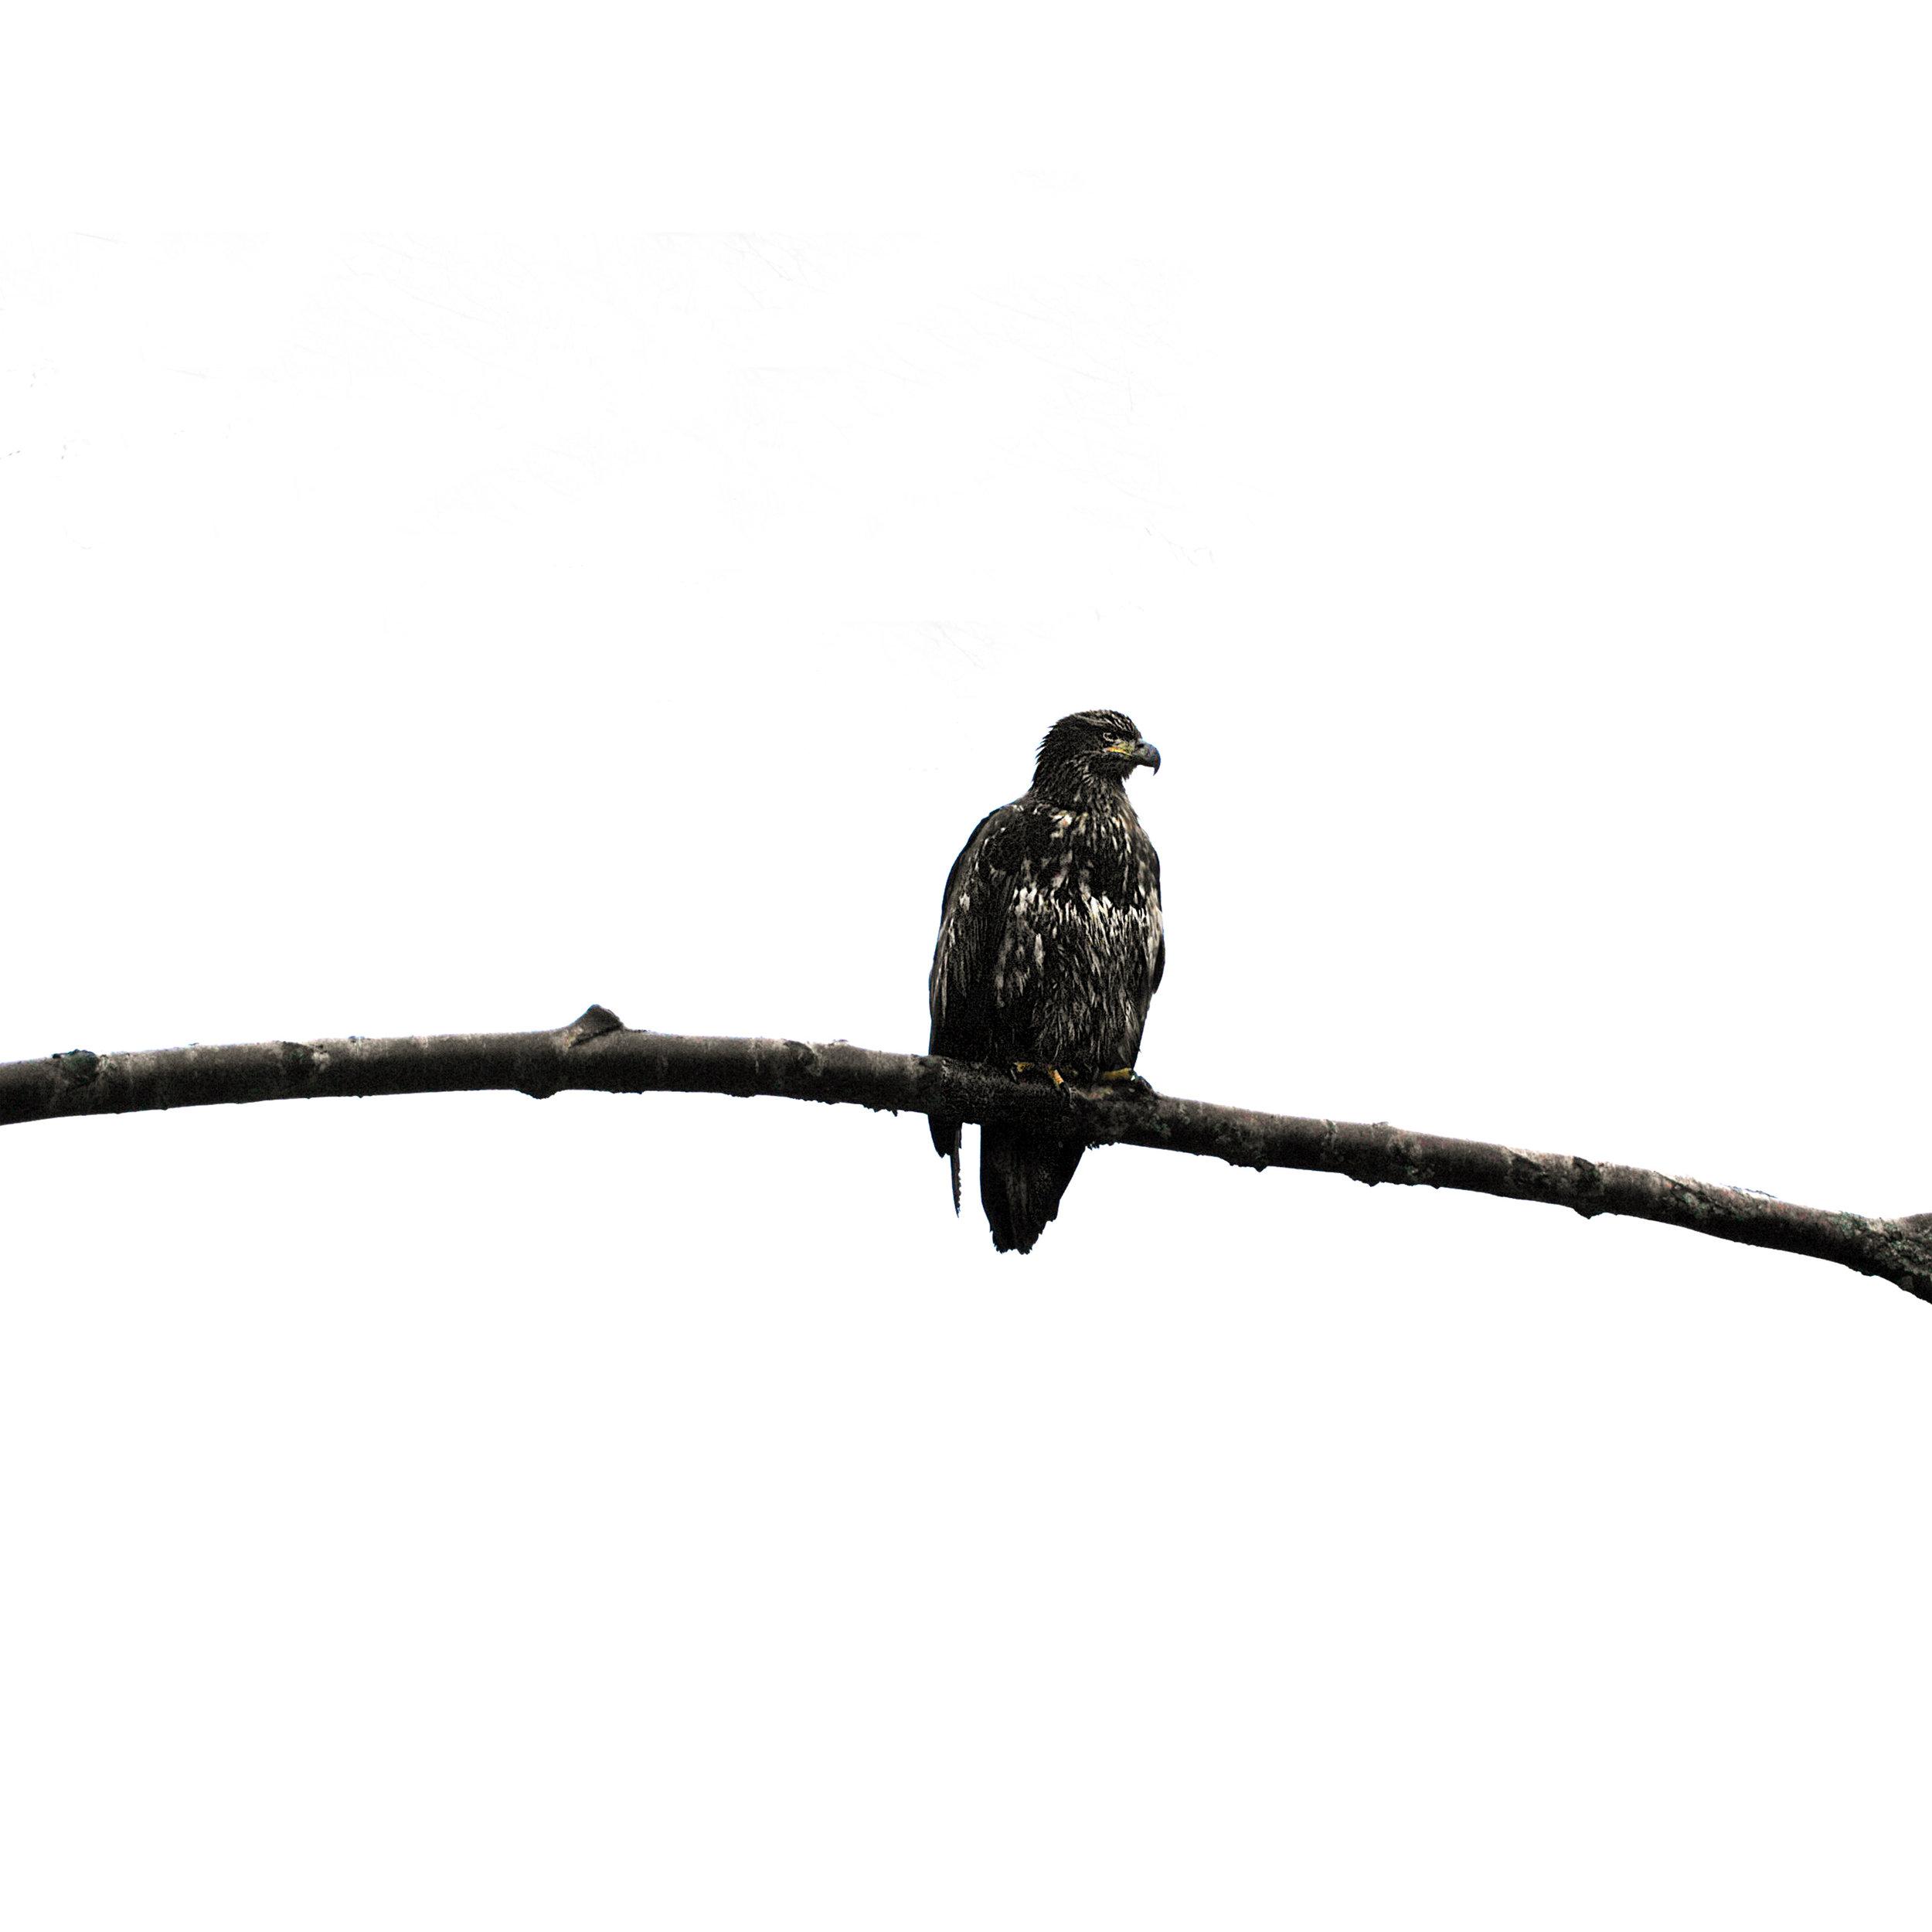 eagleone.jpg